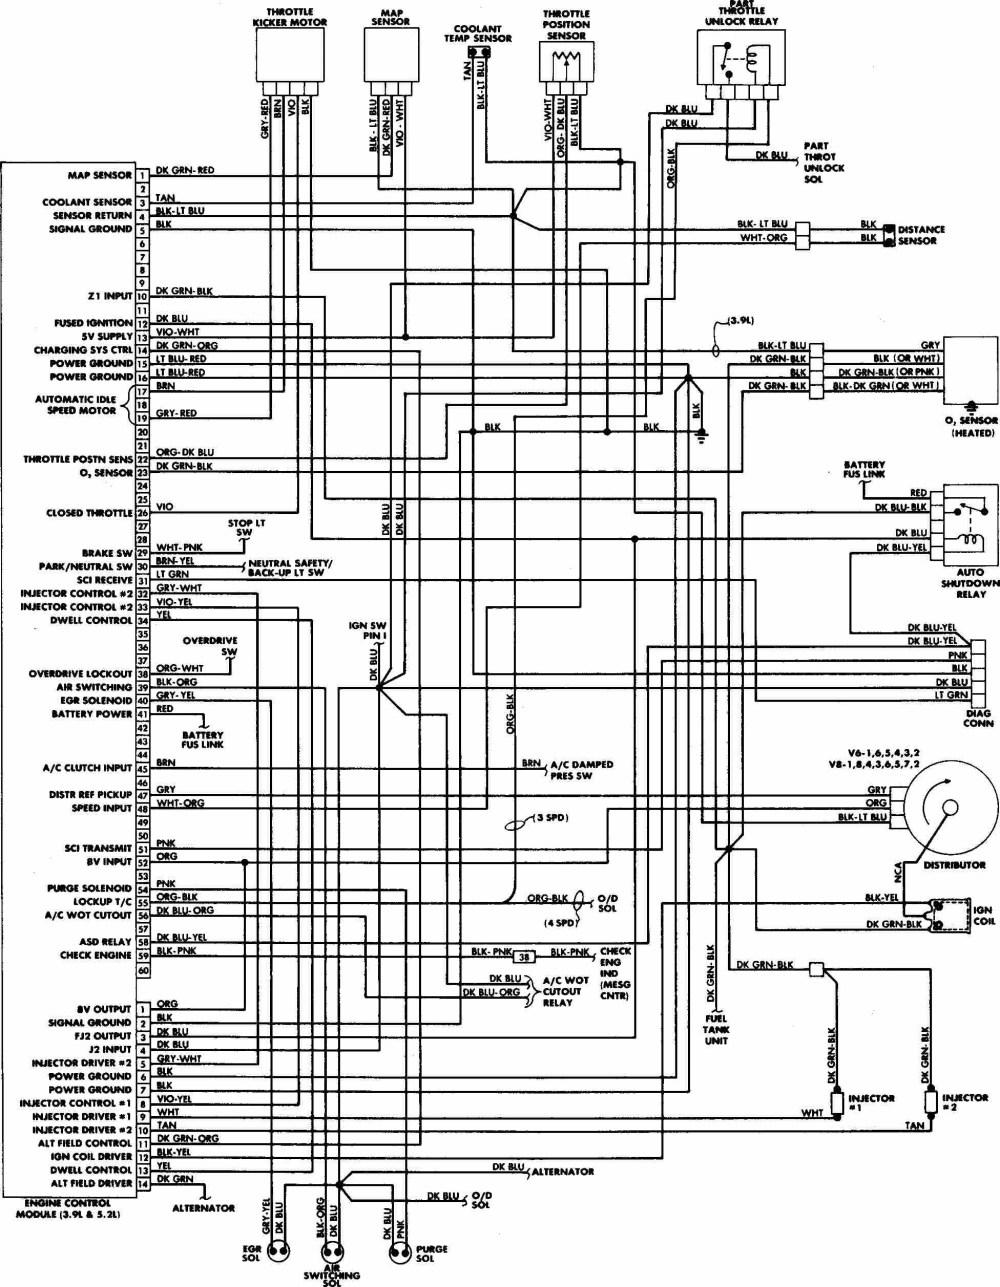 medium resolution of 2000 dodge durango engine diagram 2003 dodge durango emissions diagram free download wiring diagram